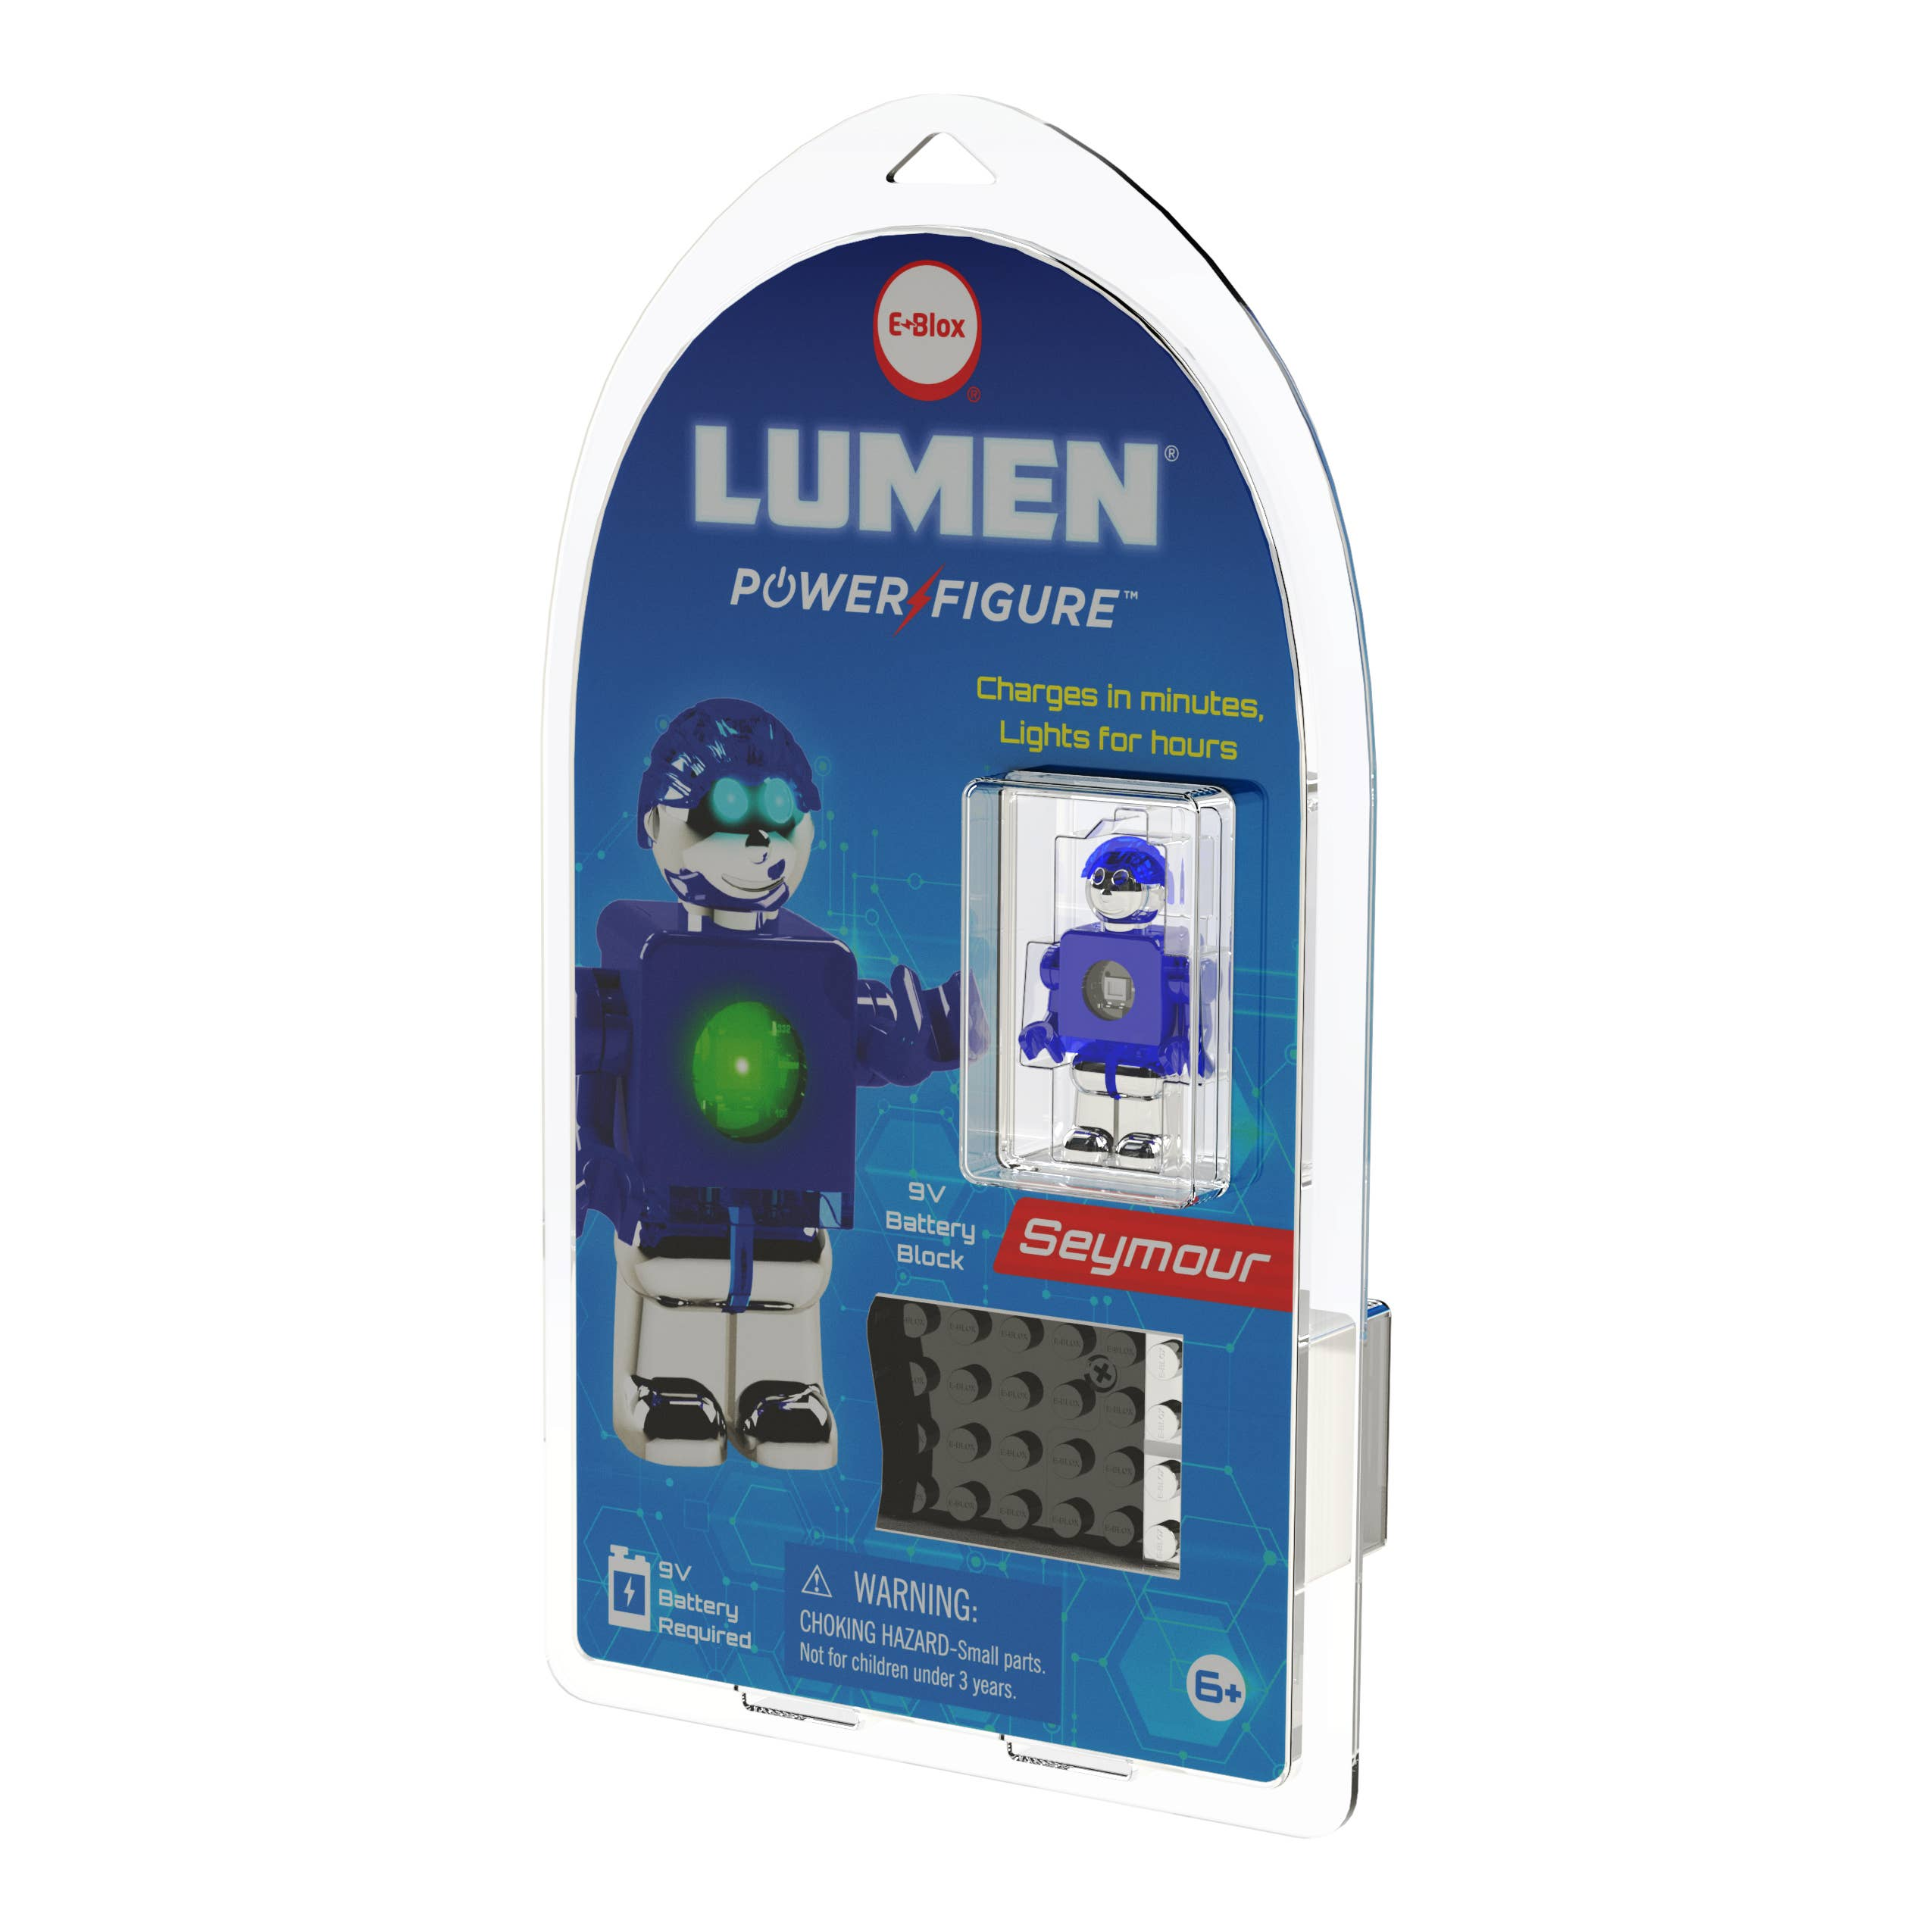 LUMEN®- Seymour - Illuminated PowerFigure   Trada Marketplace